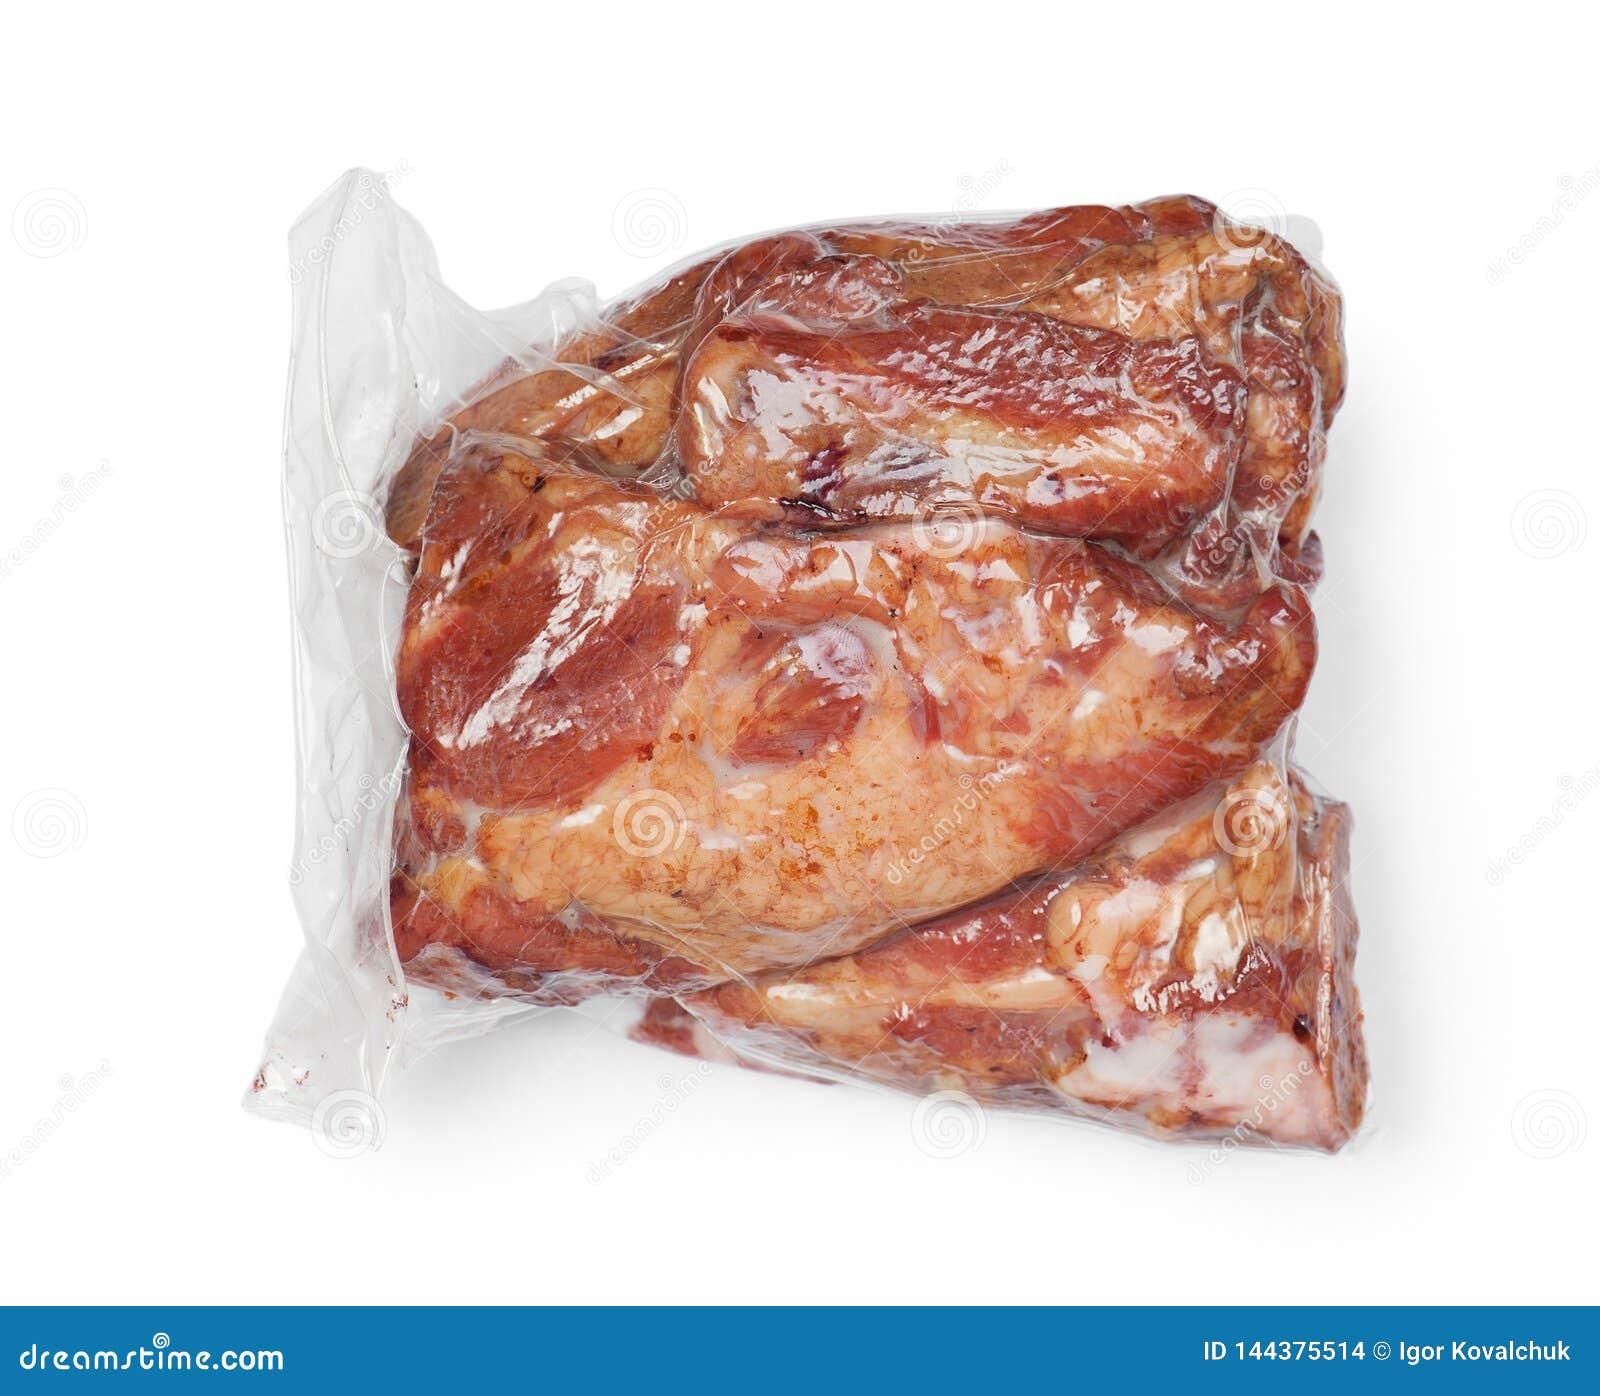 Smoked pork meat in vacuum package